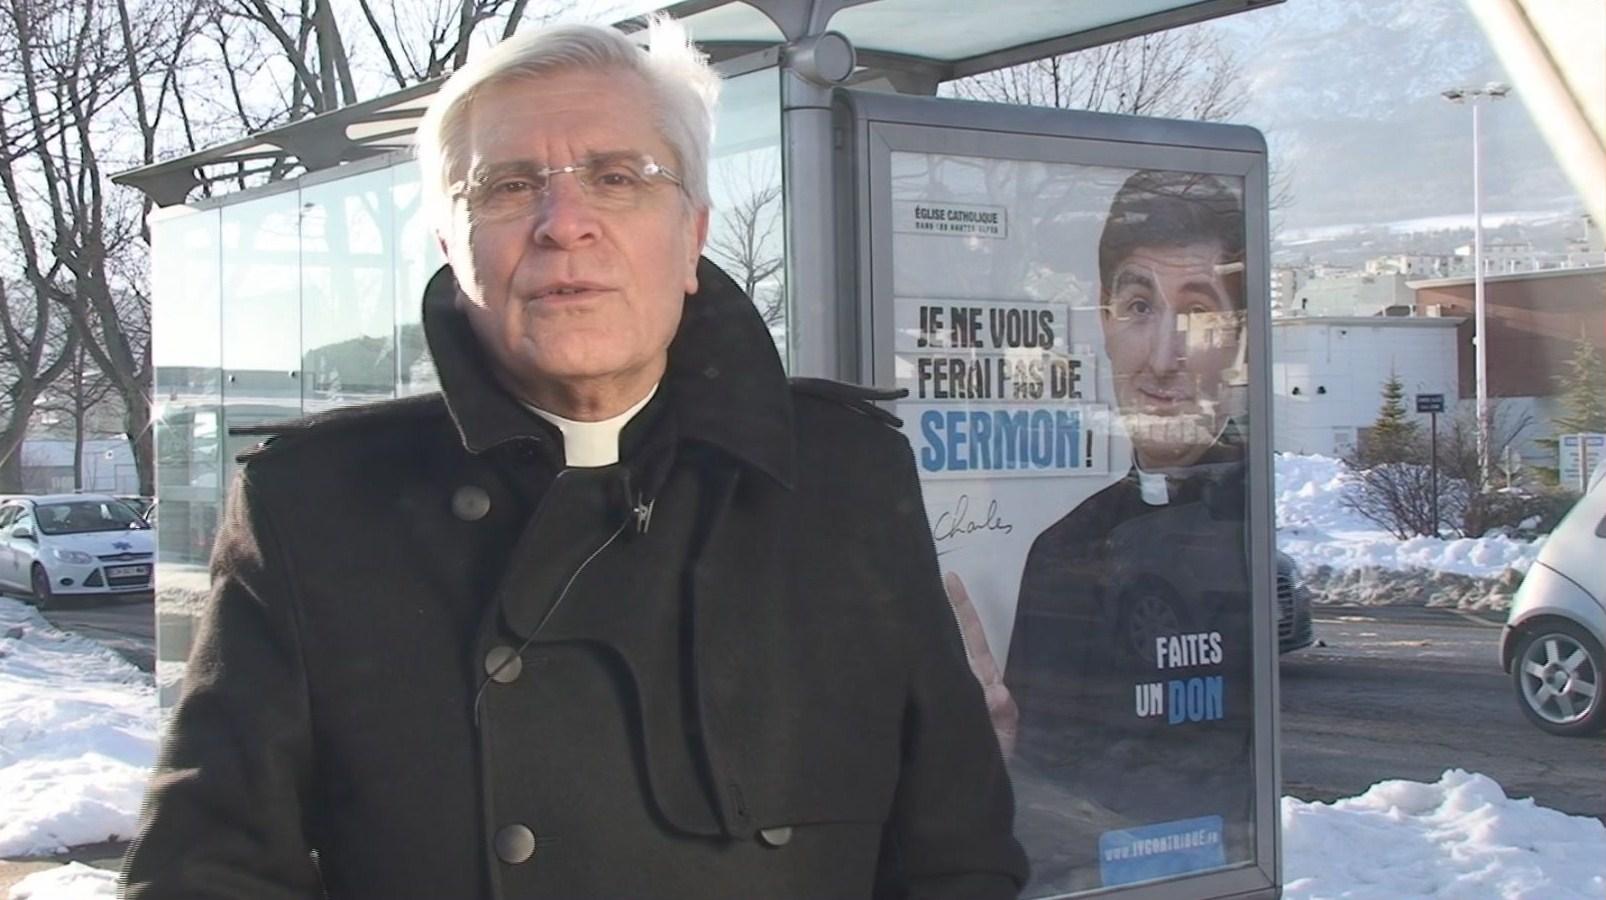 La chronique de Mgr Jean-Michel di Falco Léandri sur le financement de l'Église